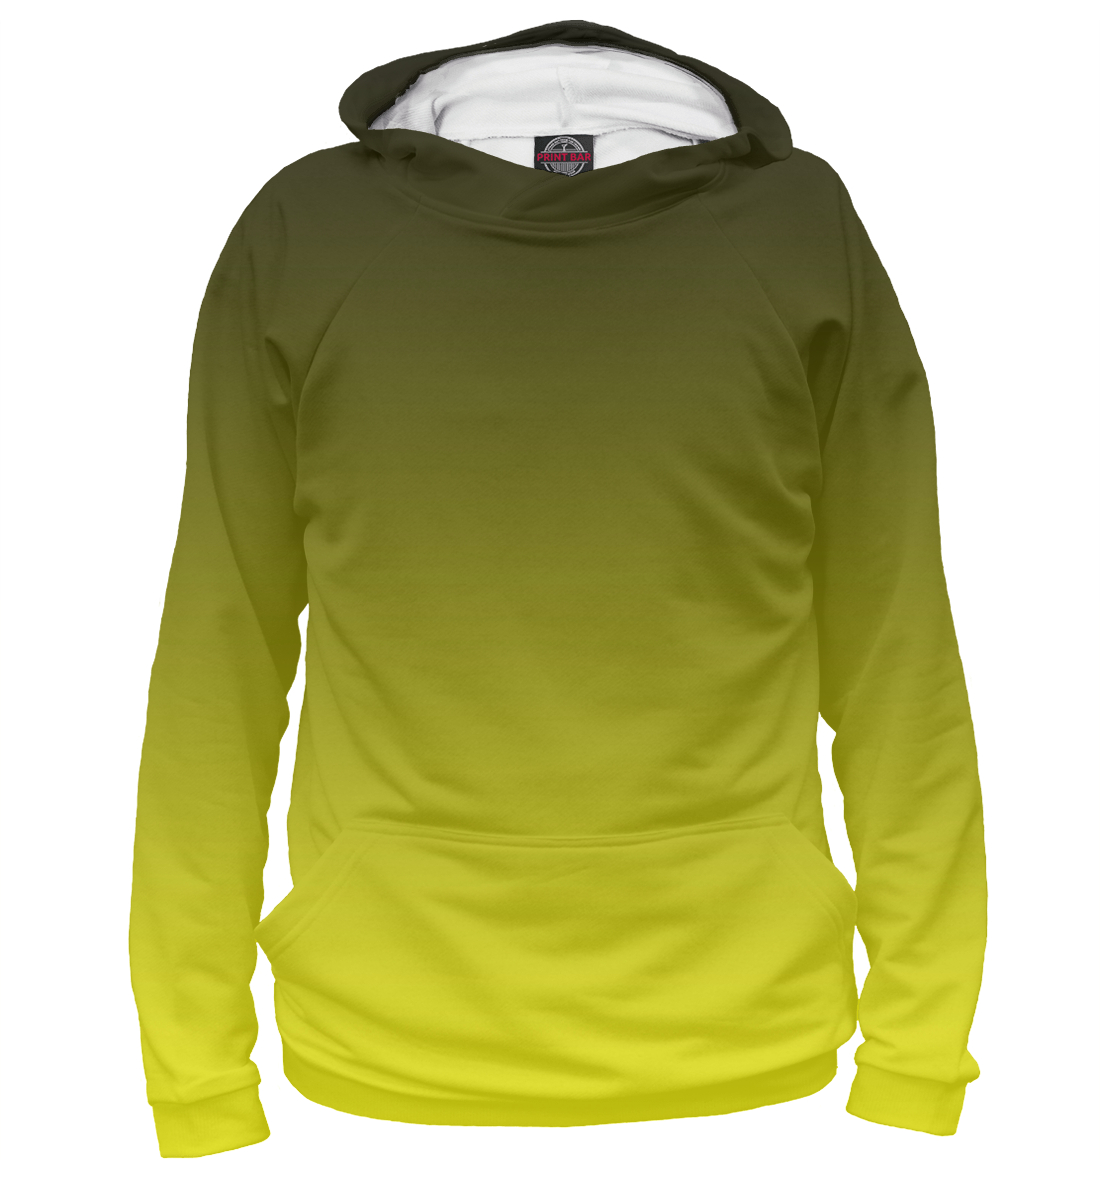 Купить Градиент Желтый в Черный, Printbar, Худи, CLR-807785-hud-1